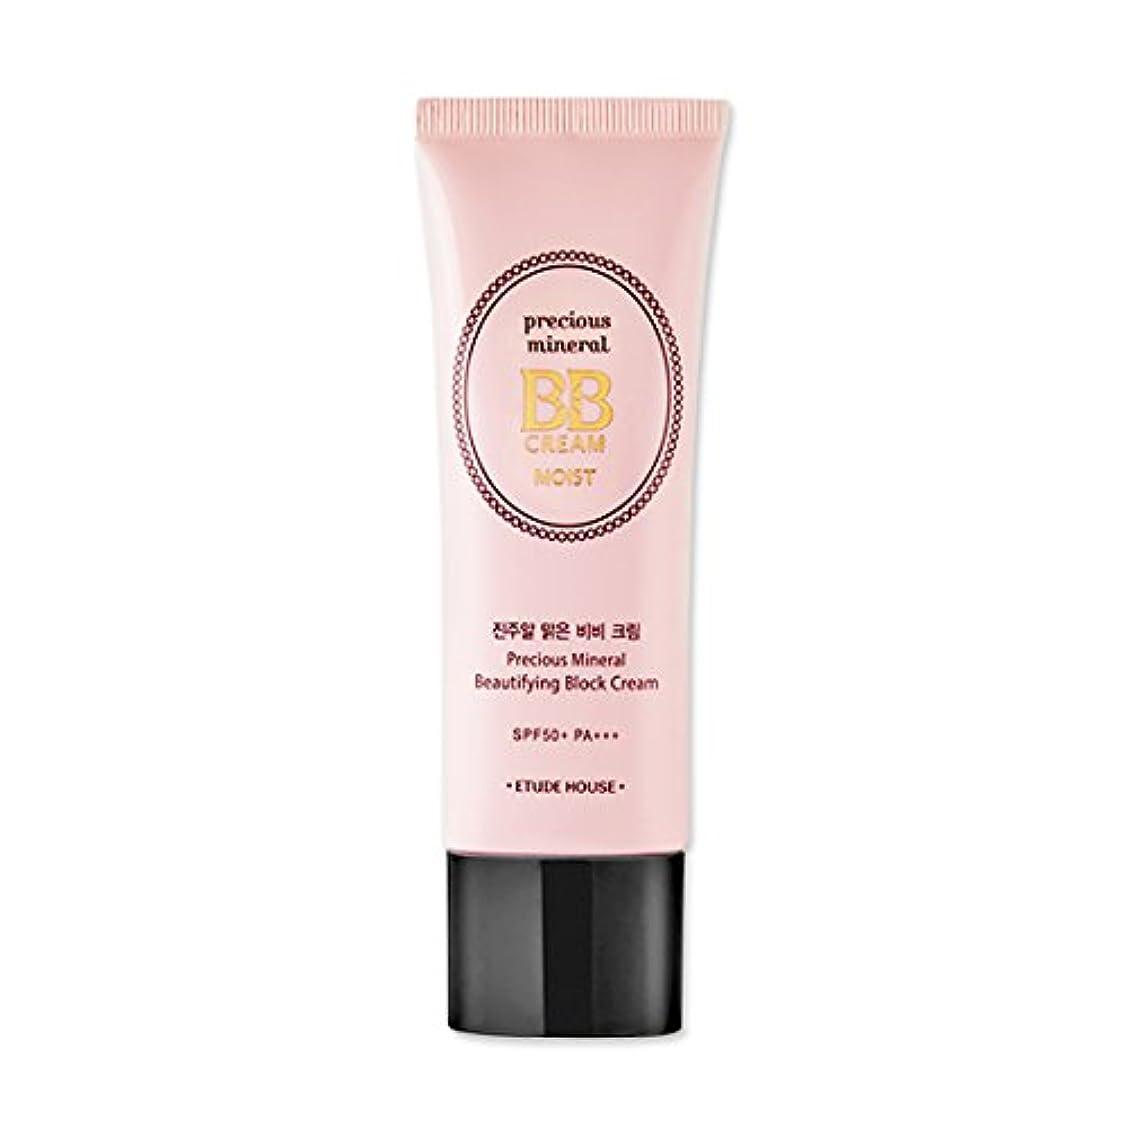 三番まぶしさ禁止[New] ETUDE HOUSE Precious Mineral BB Cream * Moist * 45g/エチュードハウス プレシャス ミネラル BBクリーム * モイスト * 45g (#Sand) [並行輸入品]